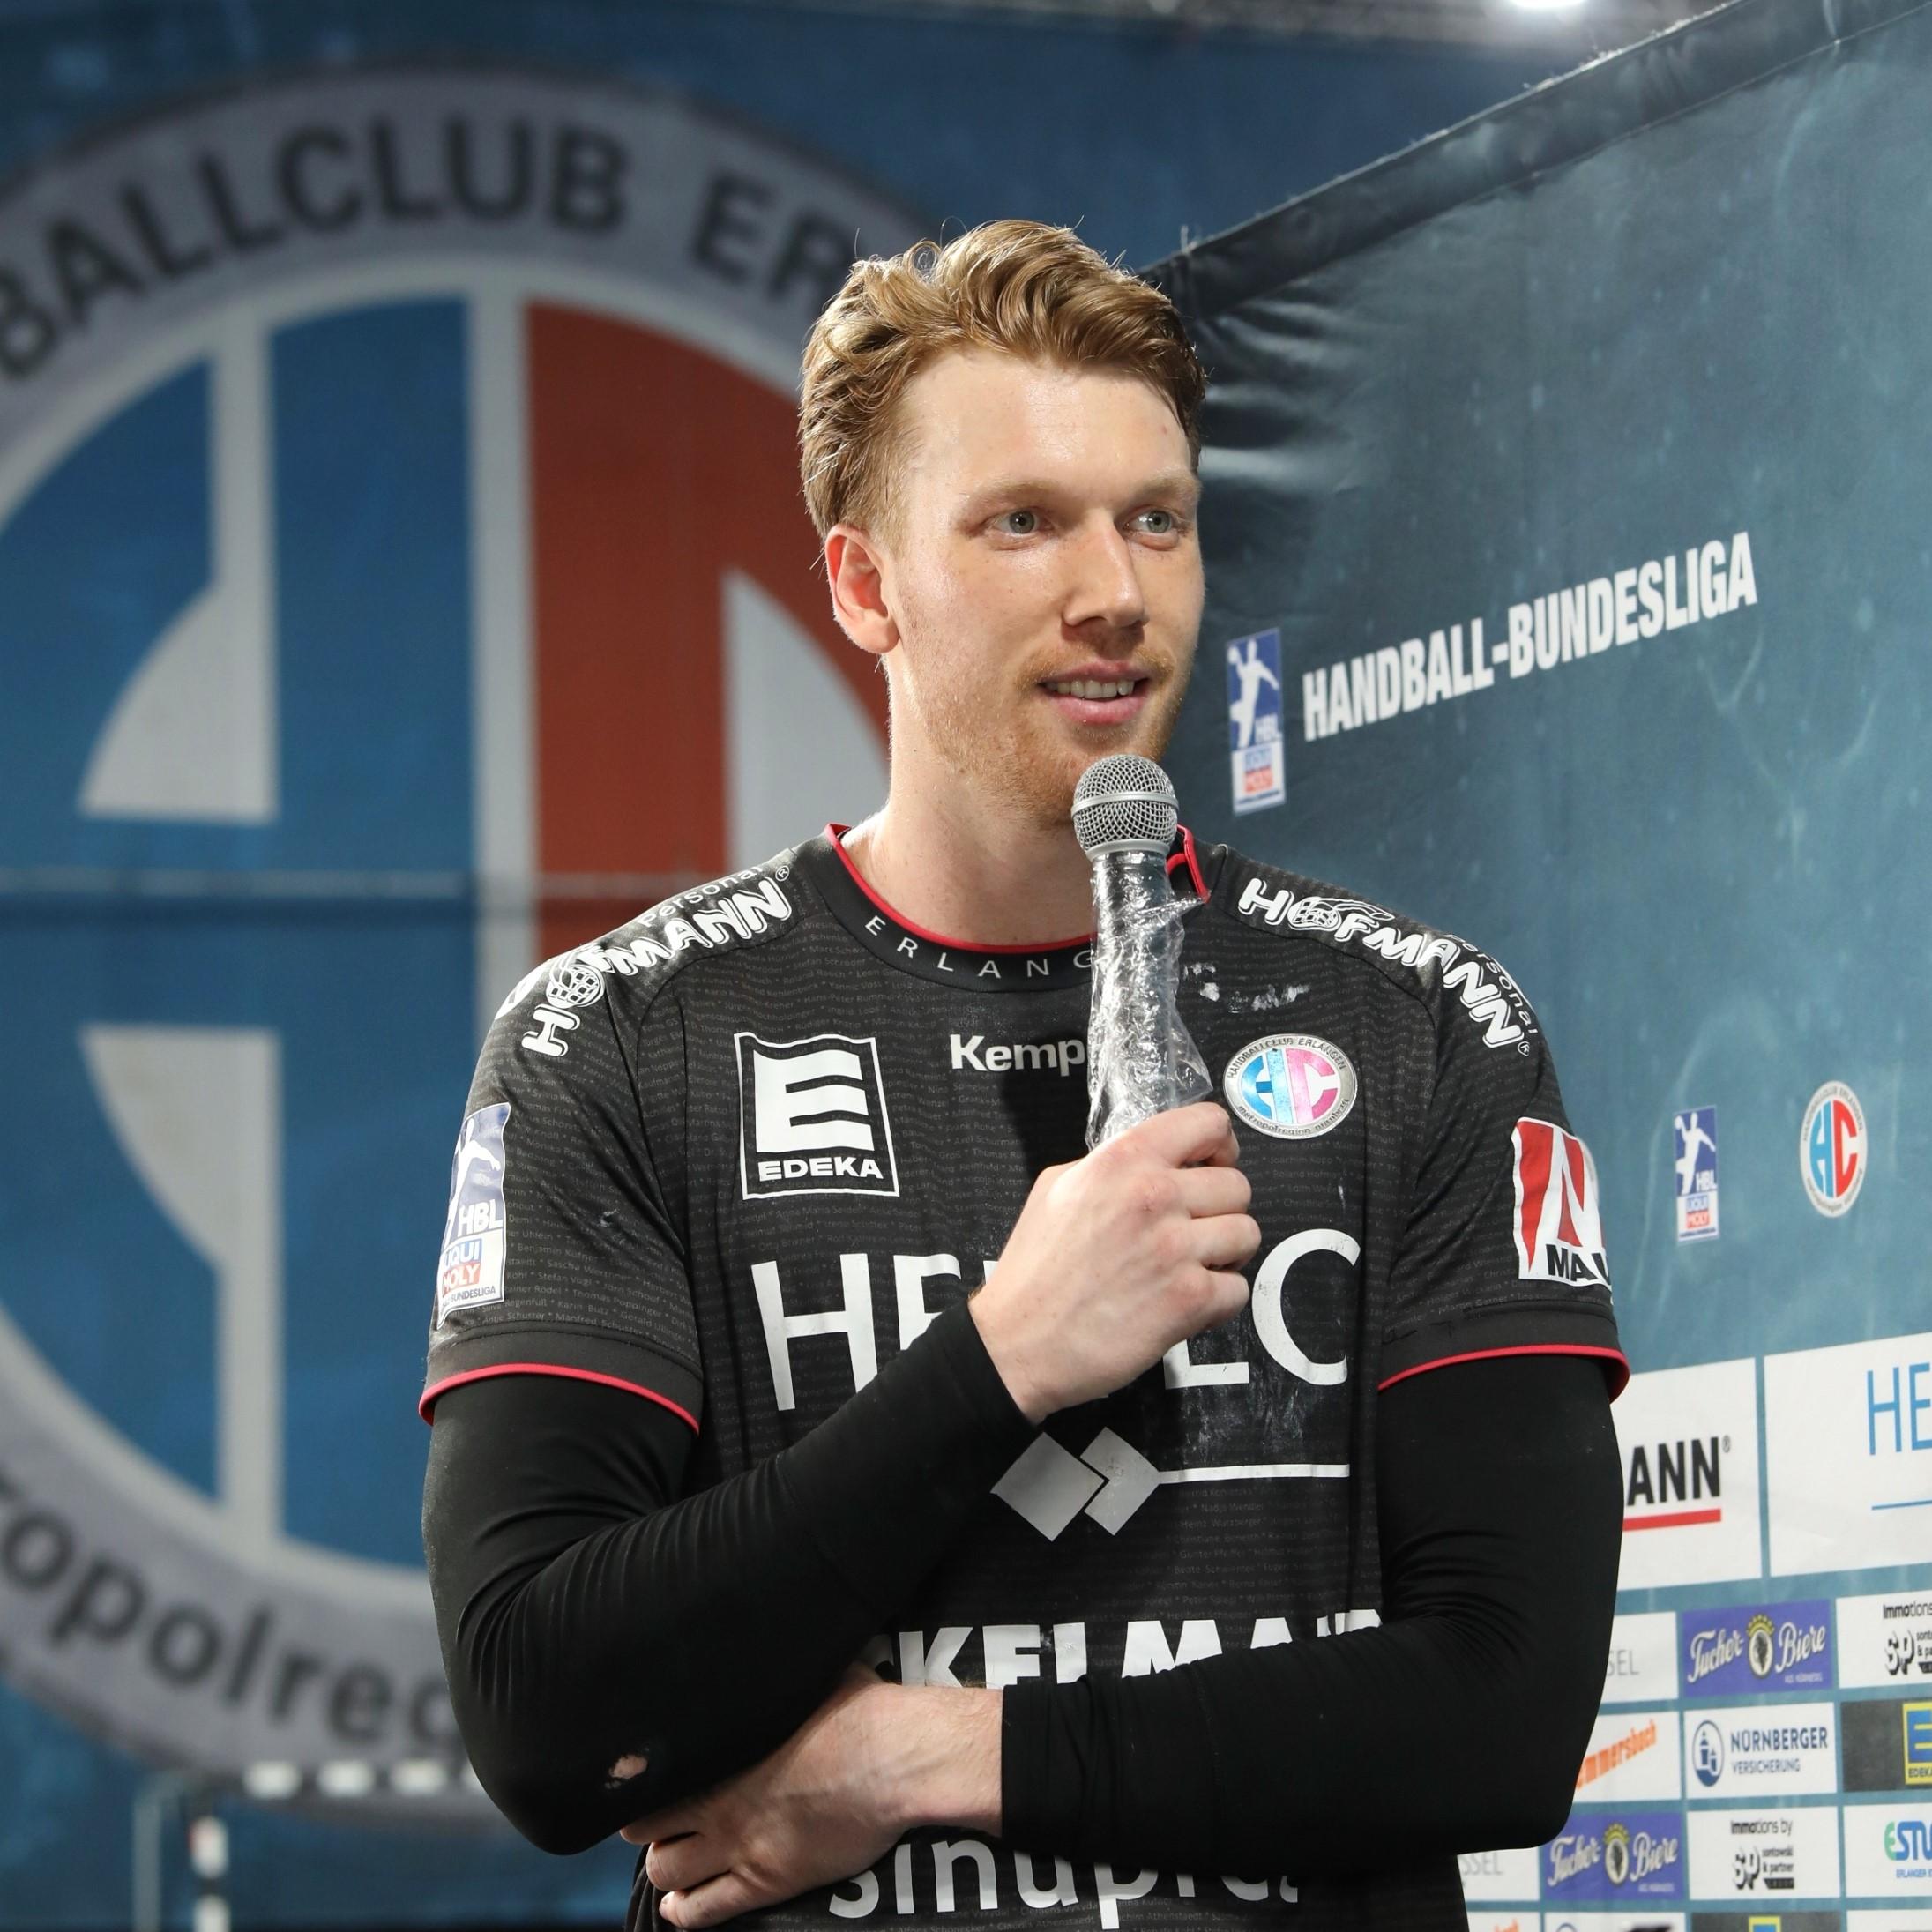 (#Jocki_Foto, Erlangen) - HC Erlangen's Simon Jeppsson war mit acht Treffern bester Torschütze